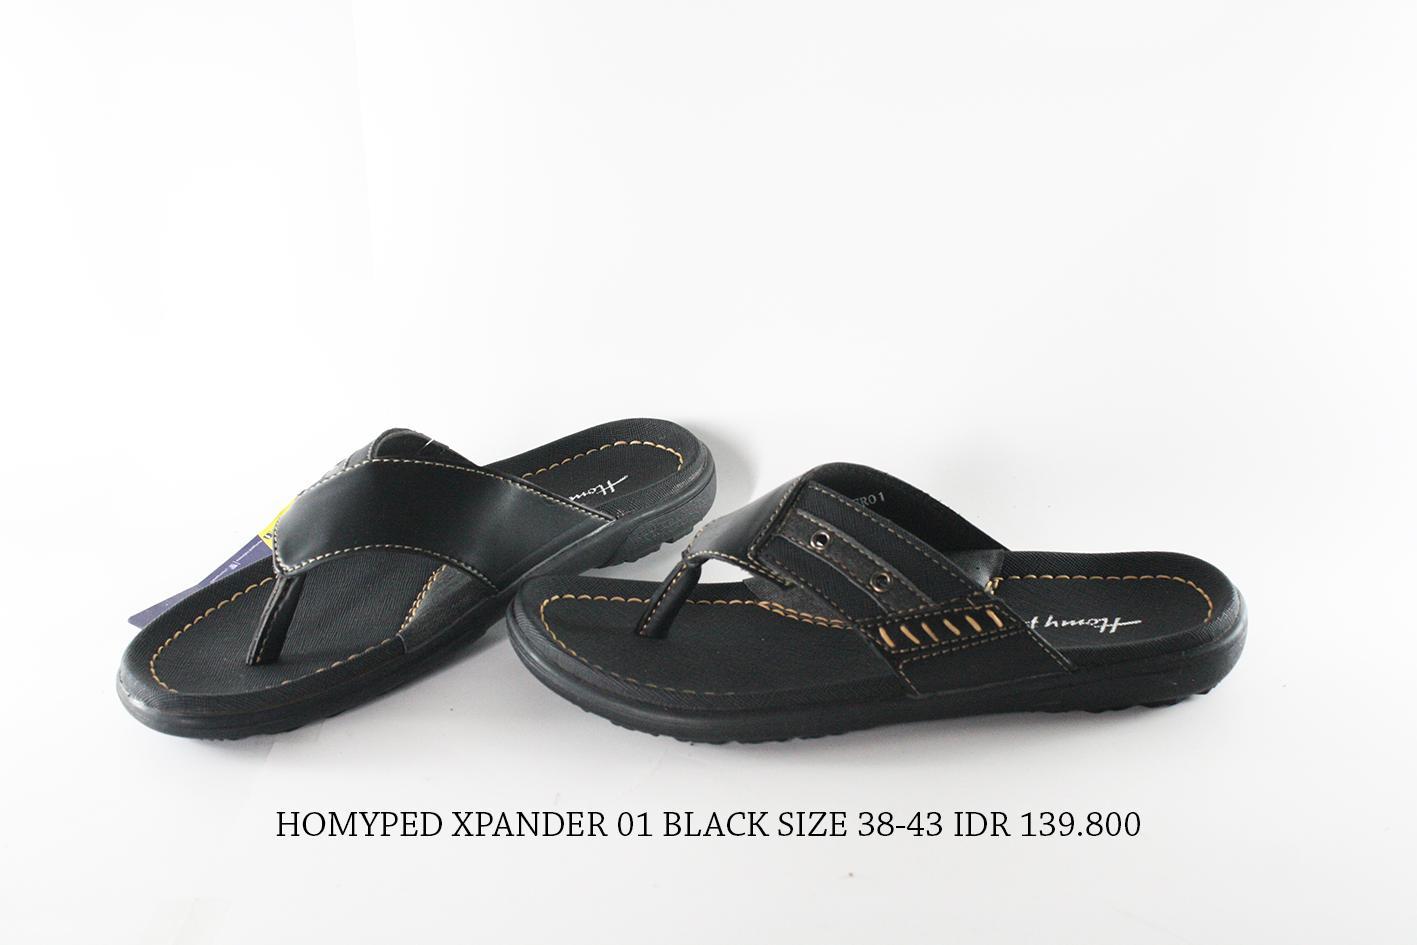 homyped xpander 01 sandal jepit pria hitam